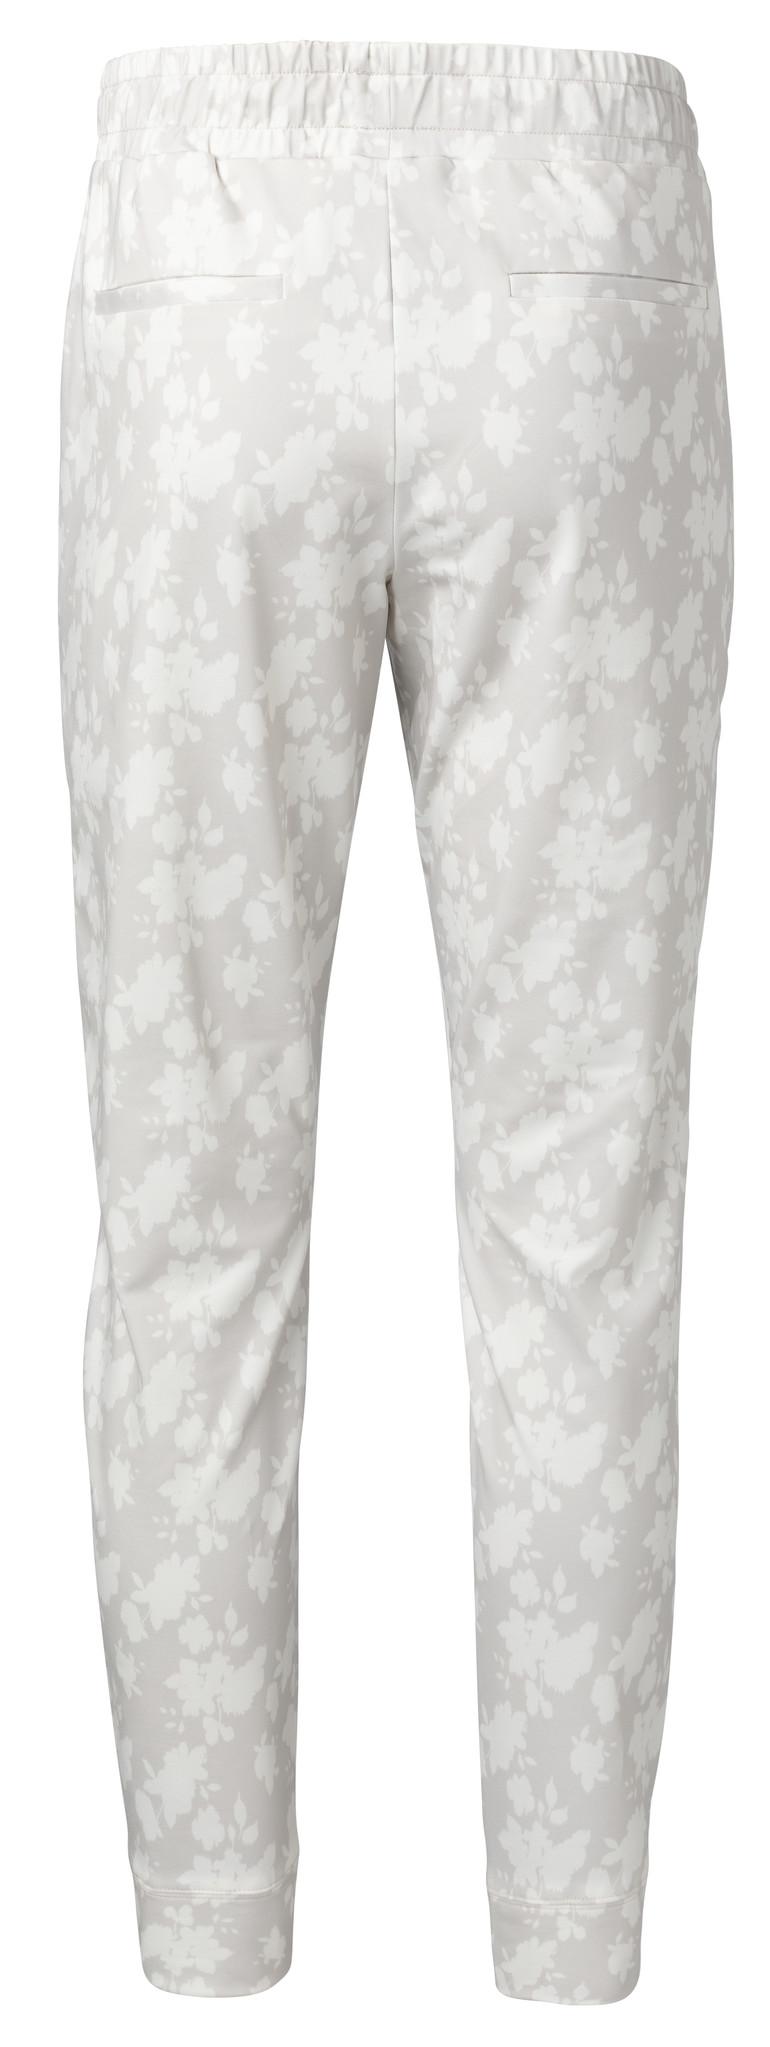 yaya Jogger pants with fl 1209183-014-2